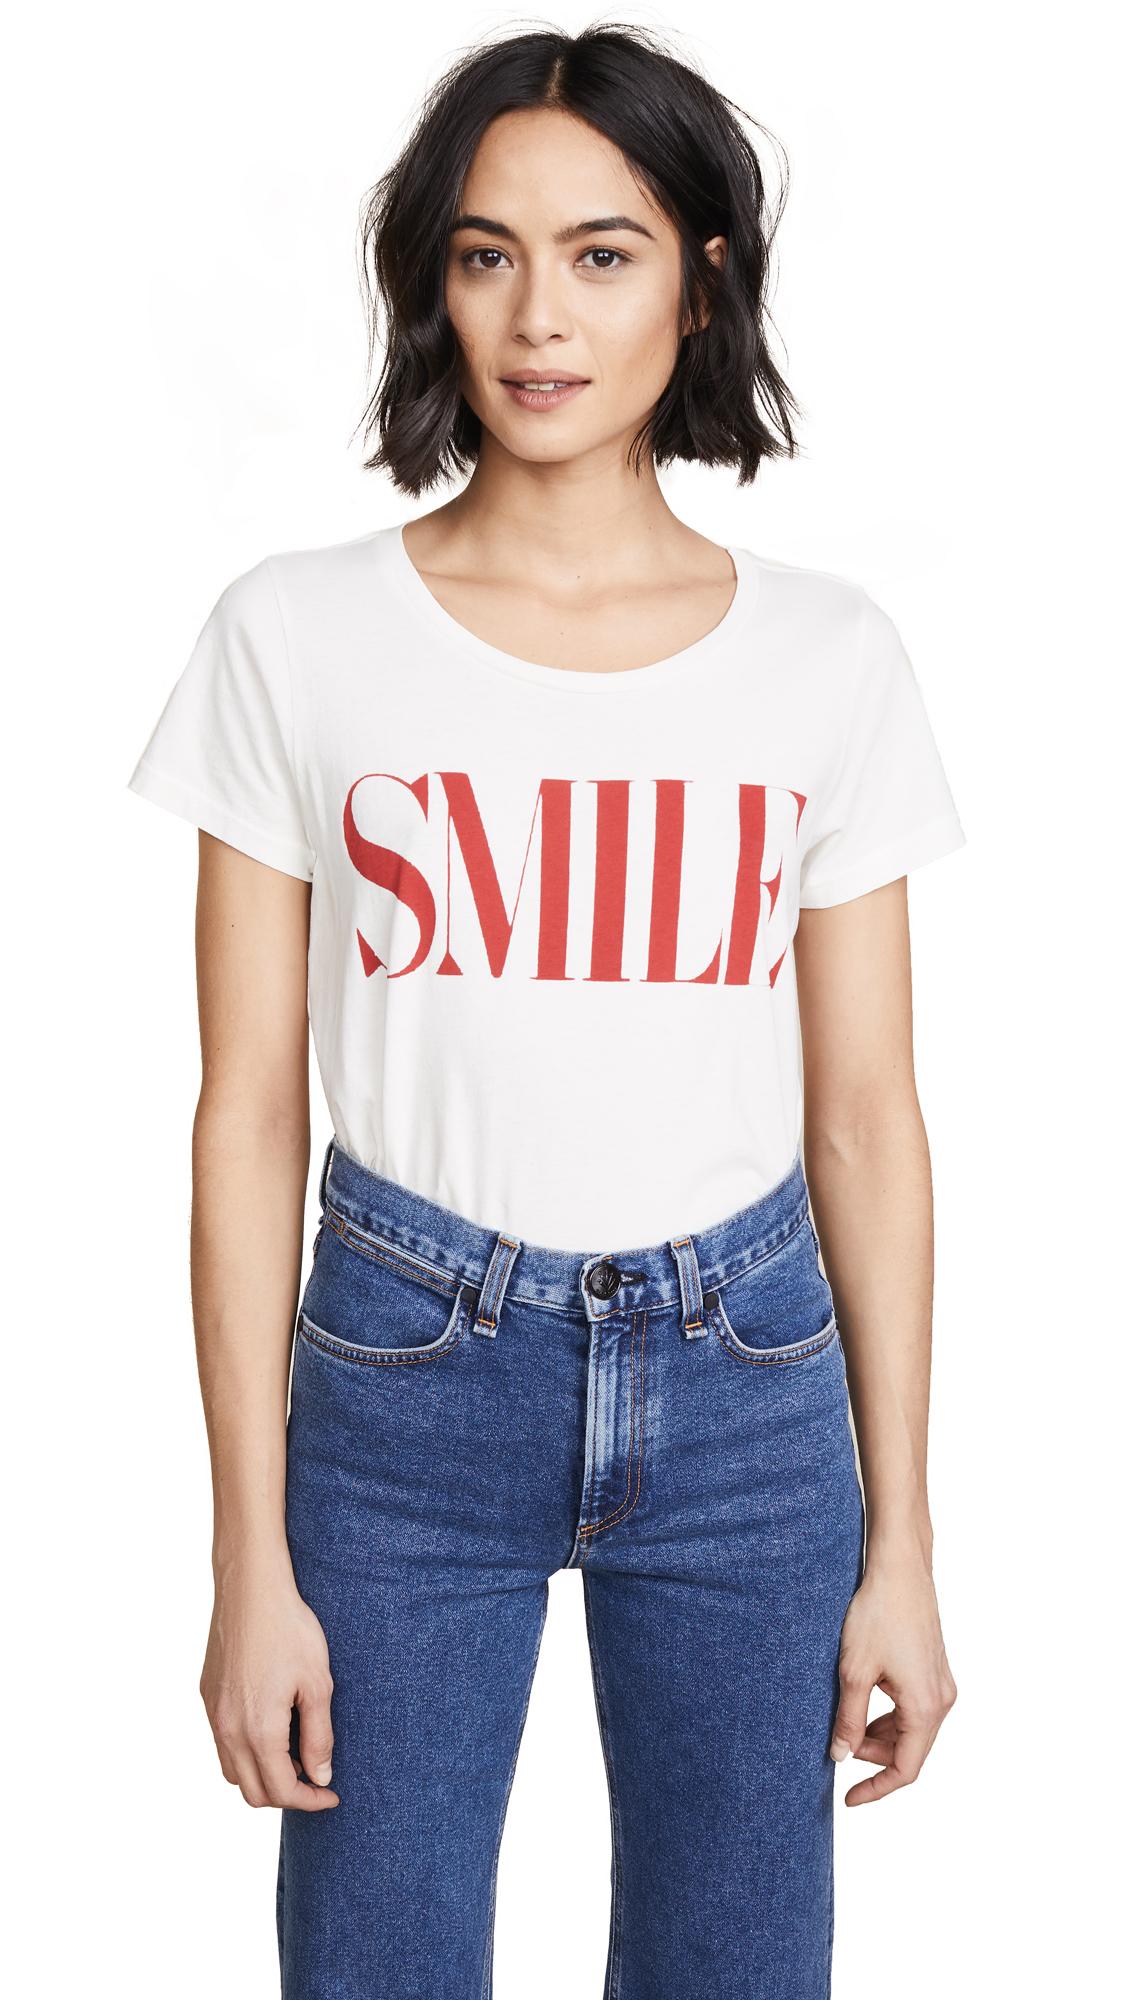 SMILE CREW TEE